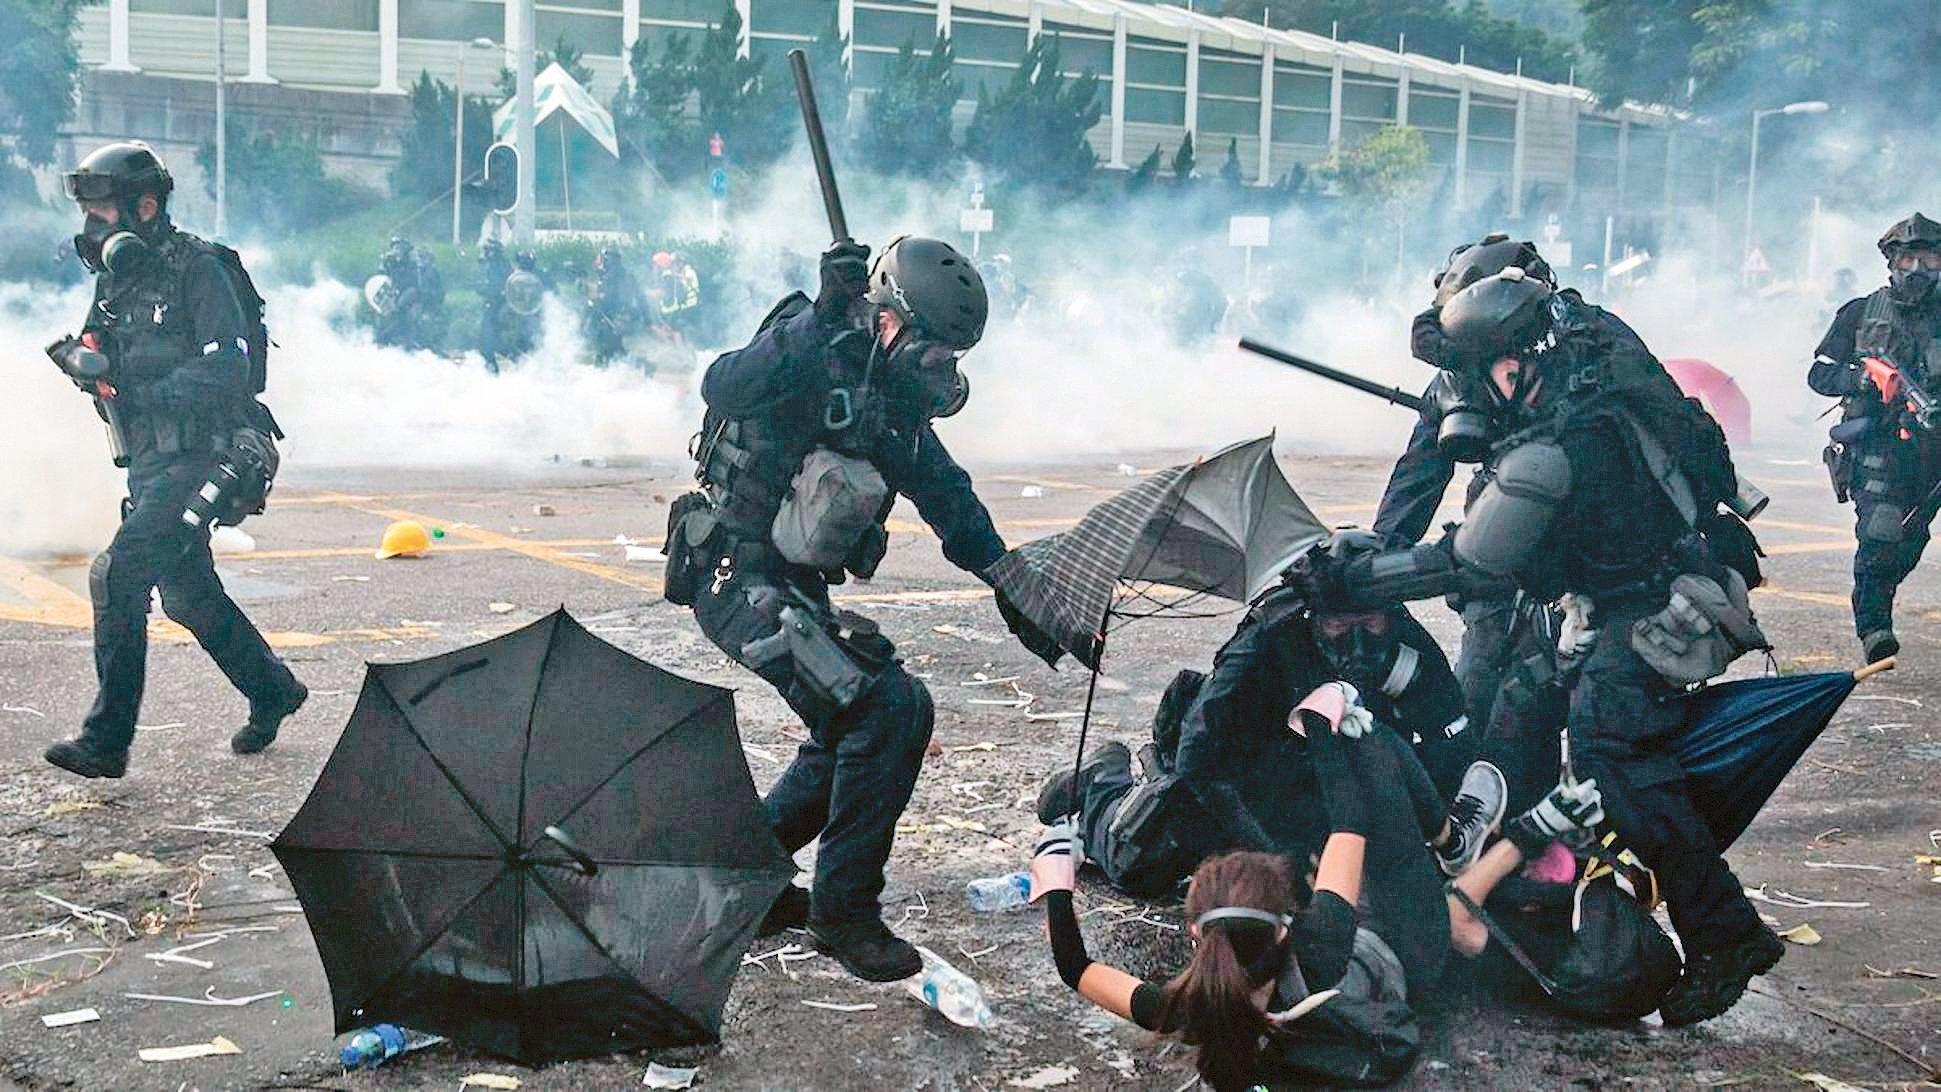 2019年10月1日,香港警察正在毆打和抓捕抗爭者。(Getty Images)